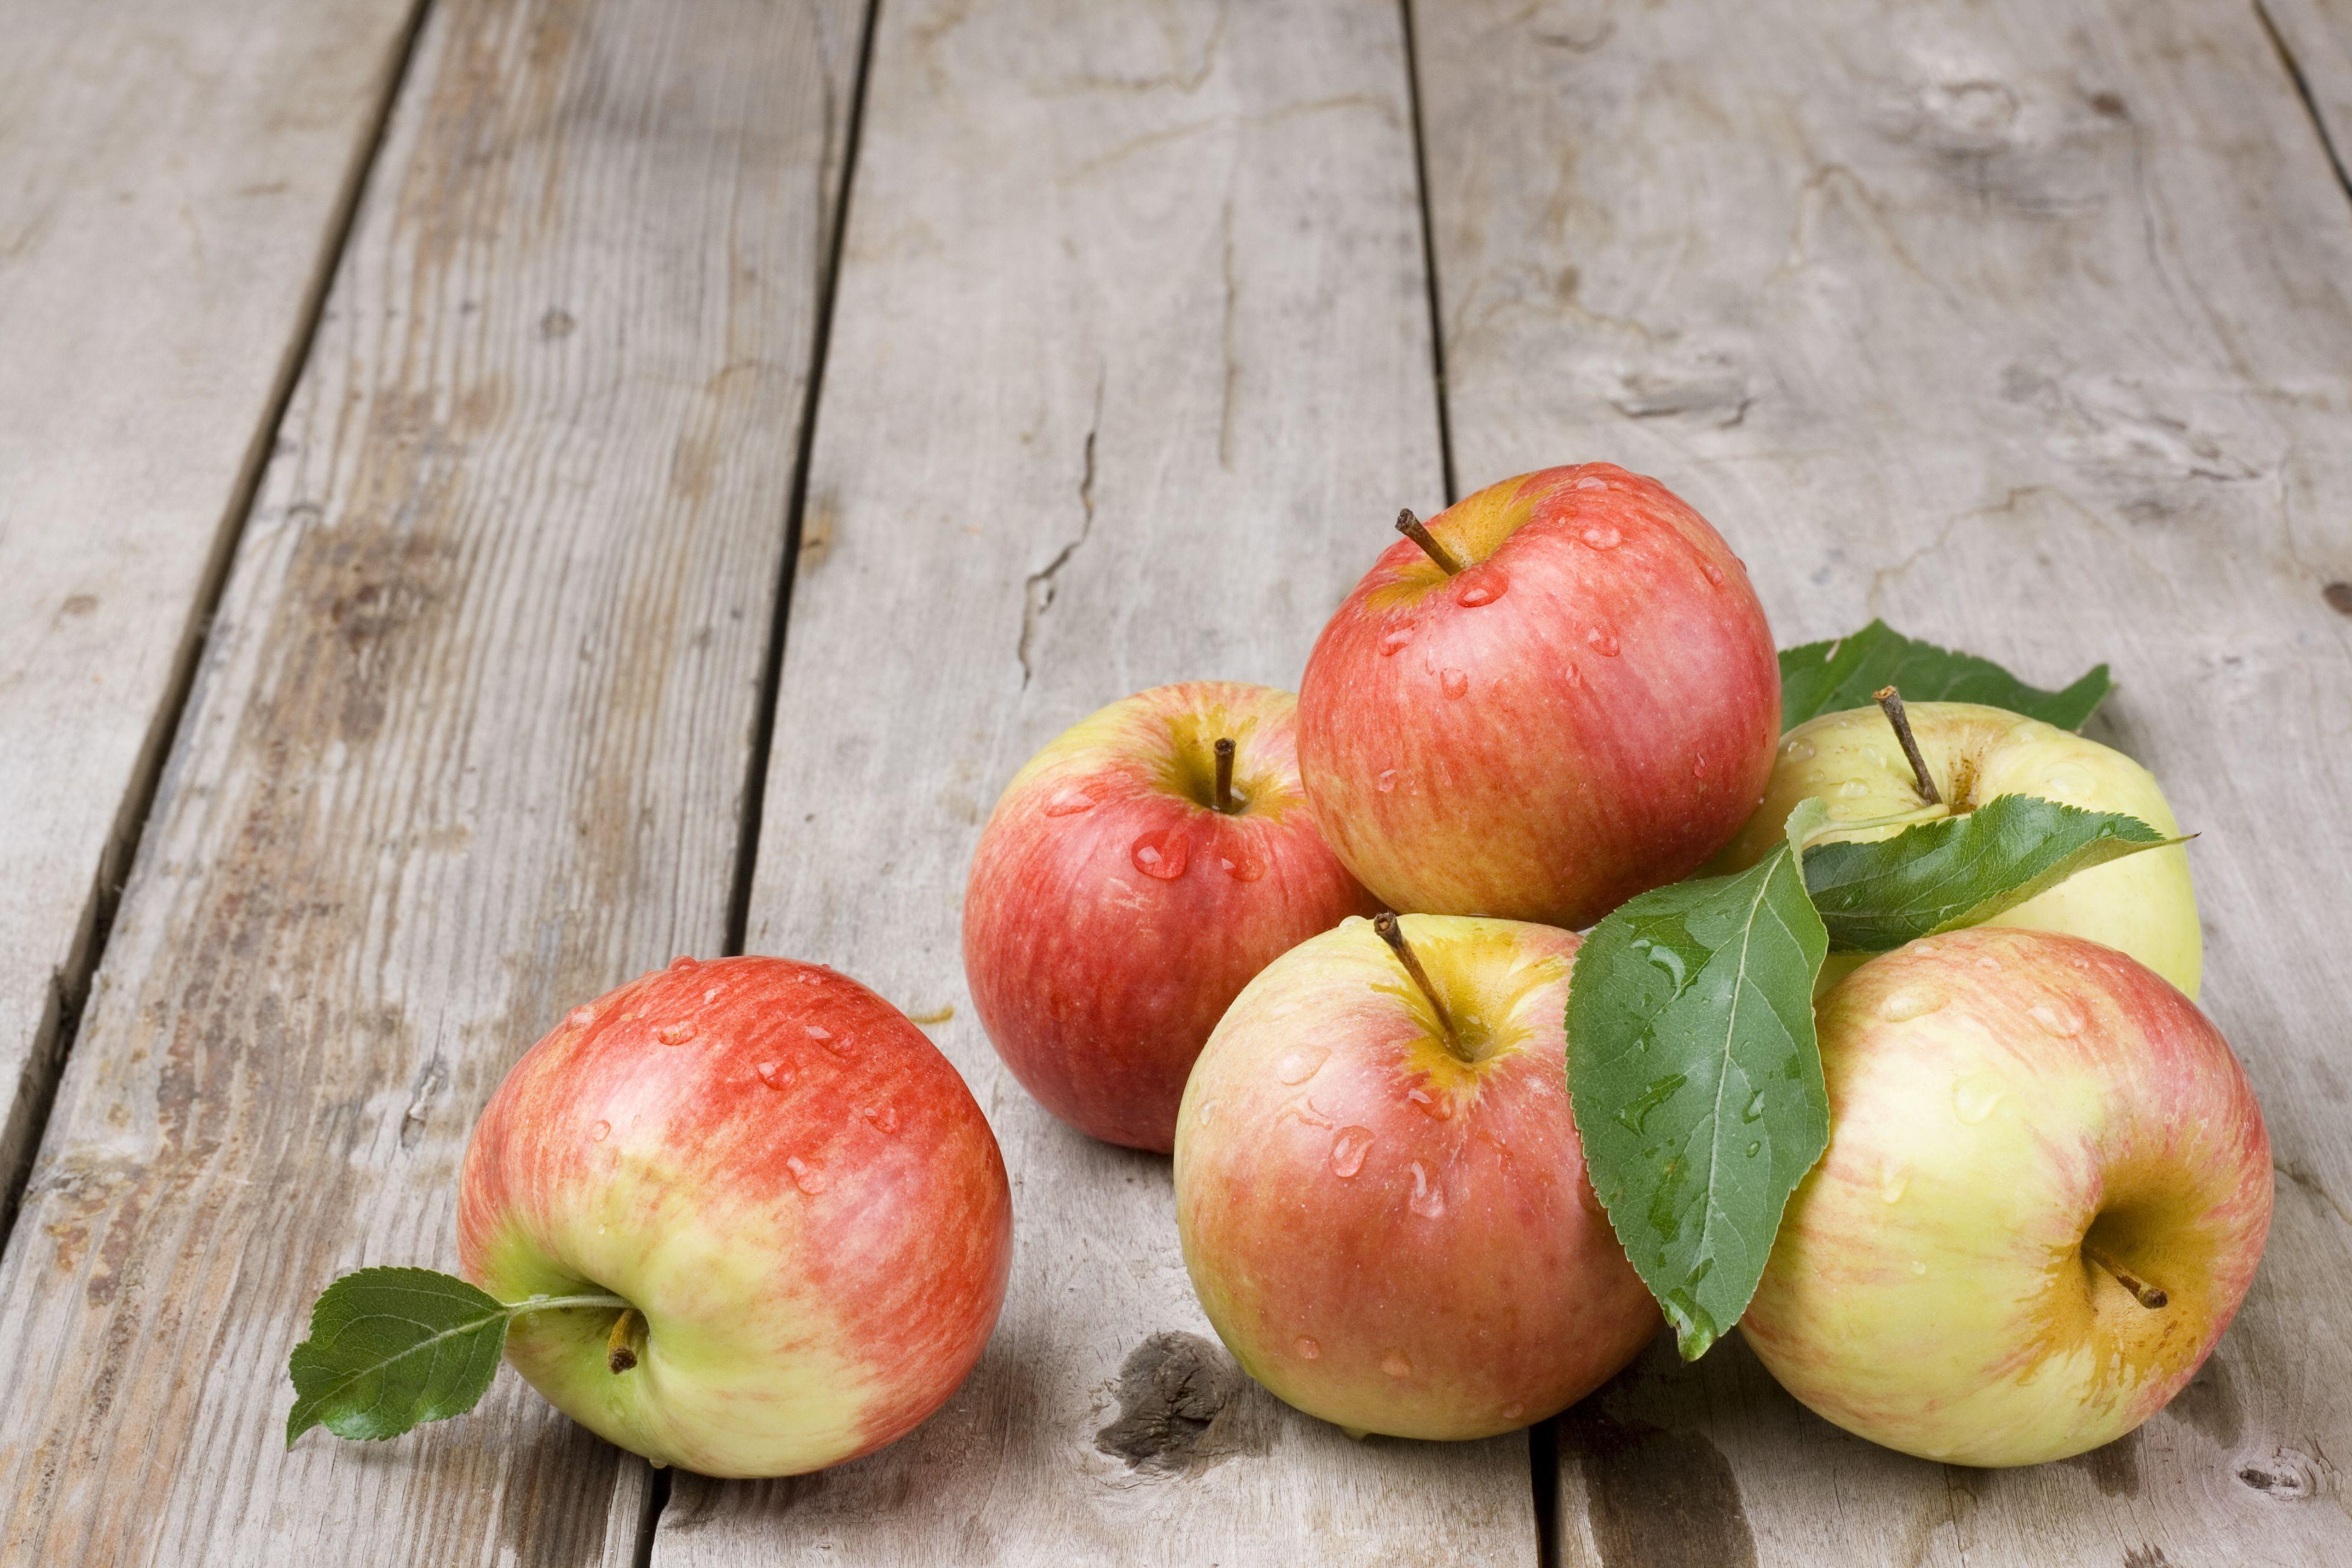 inside apples photos tumblr - HD2048×1365